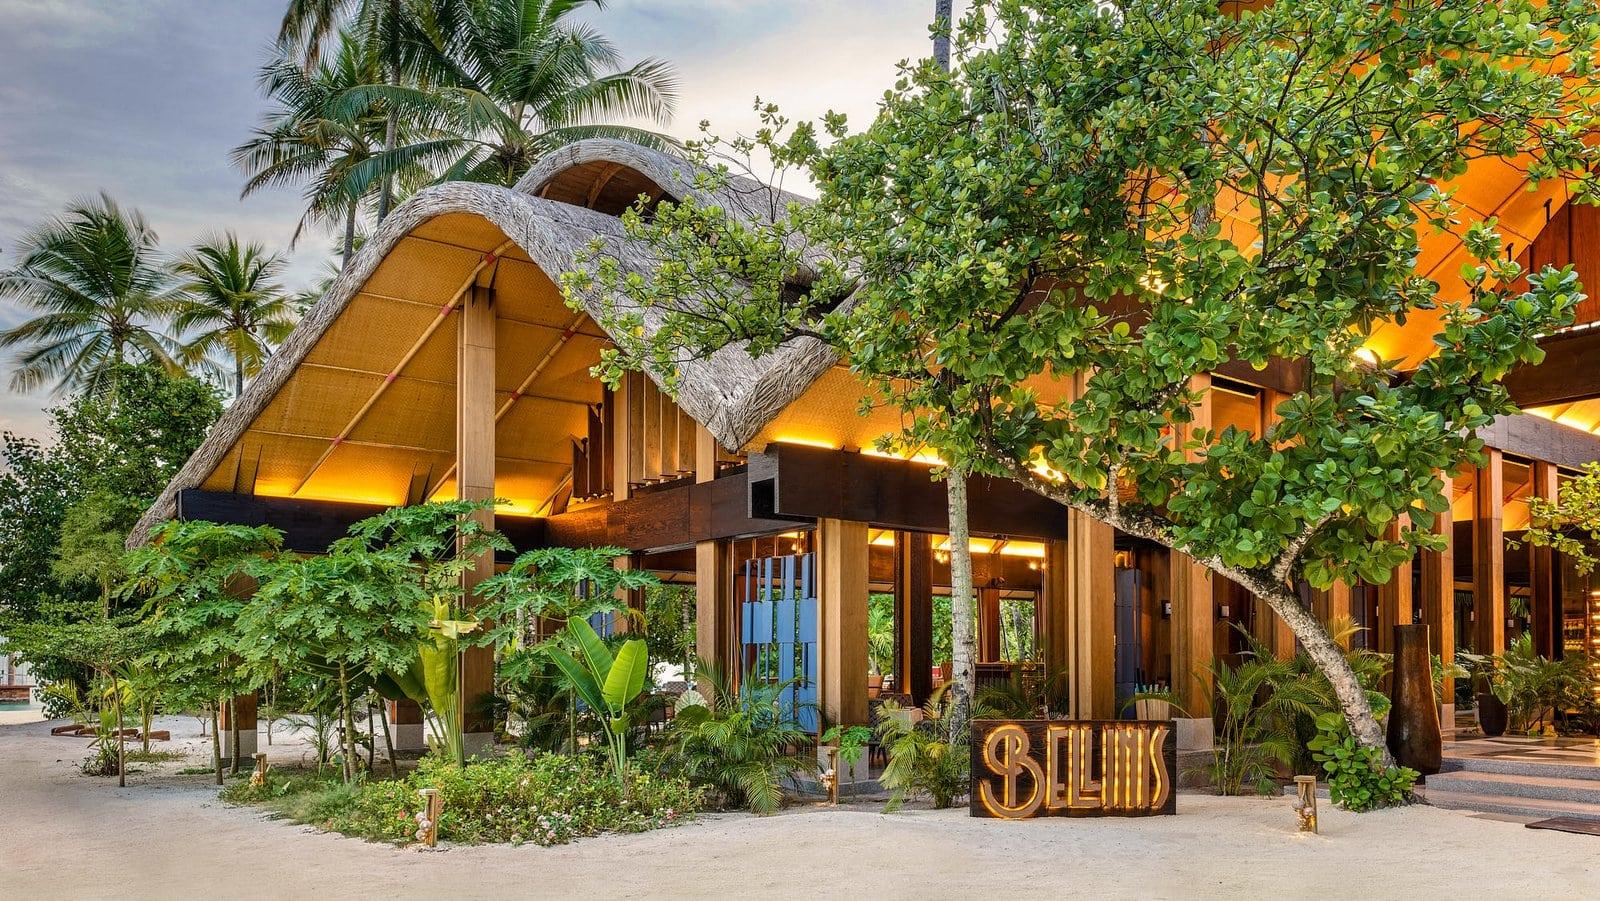 Мальдивы, отель Joali Maldives, ресторан Bellinis